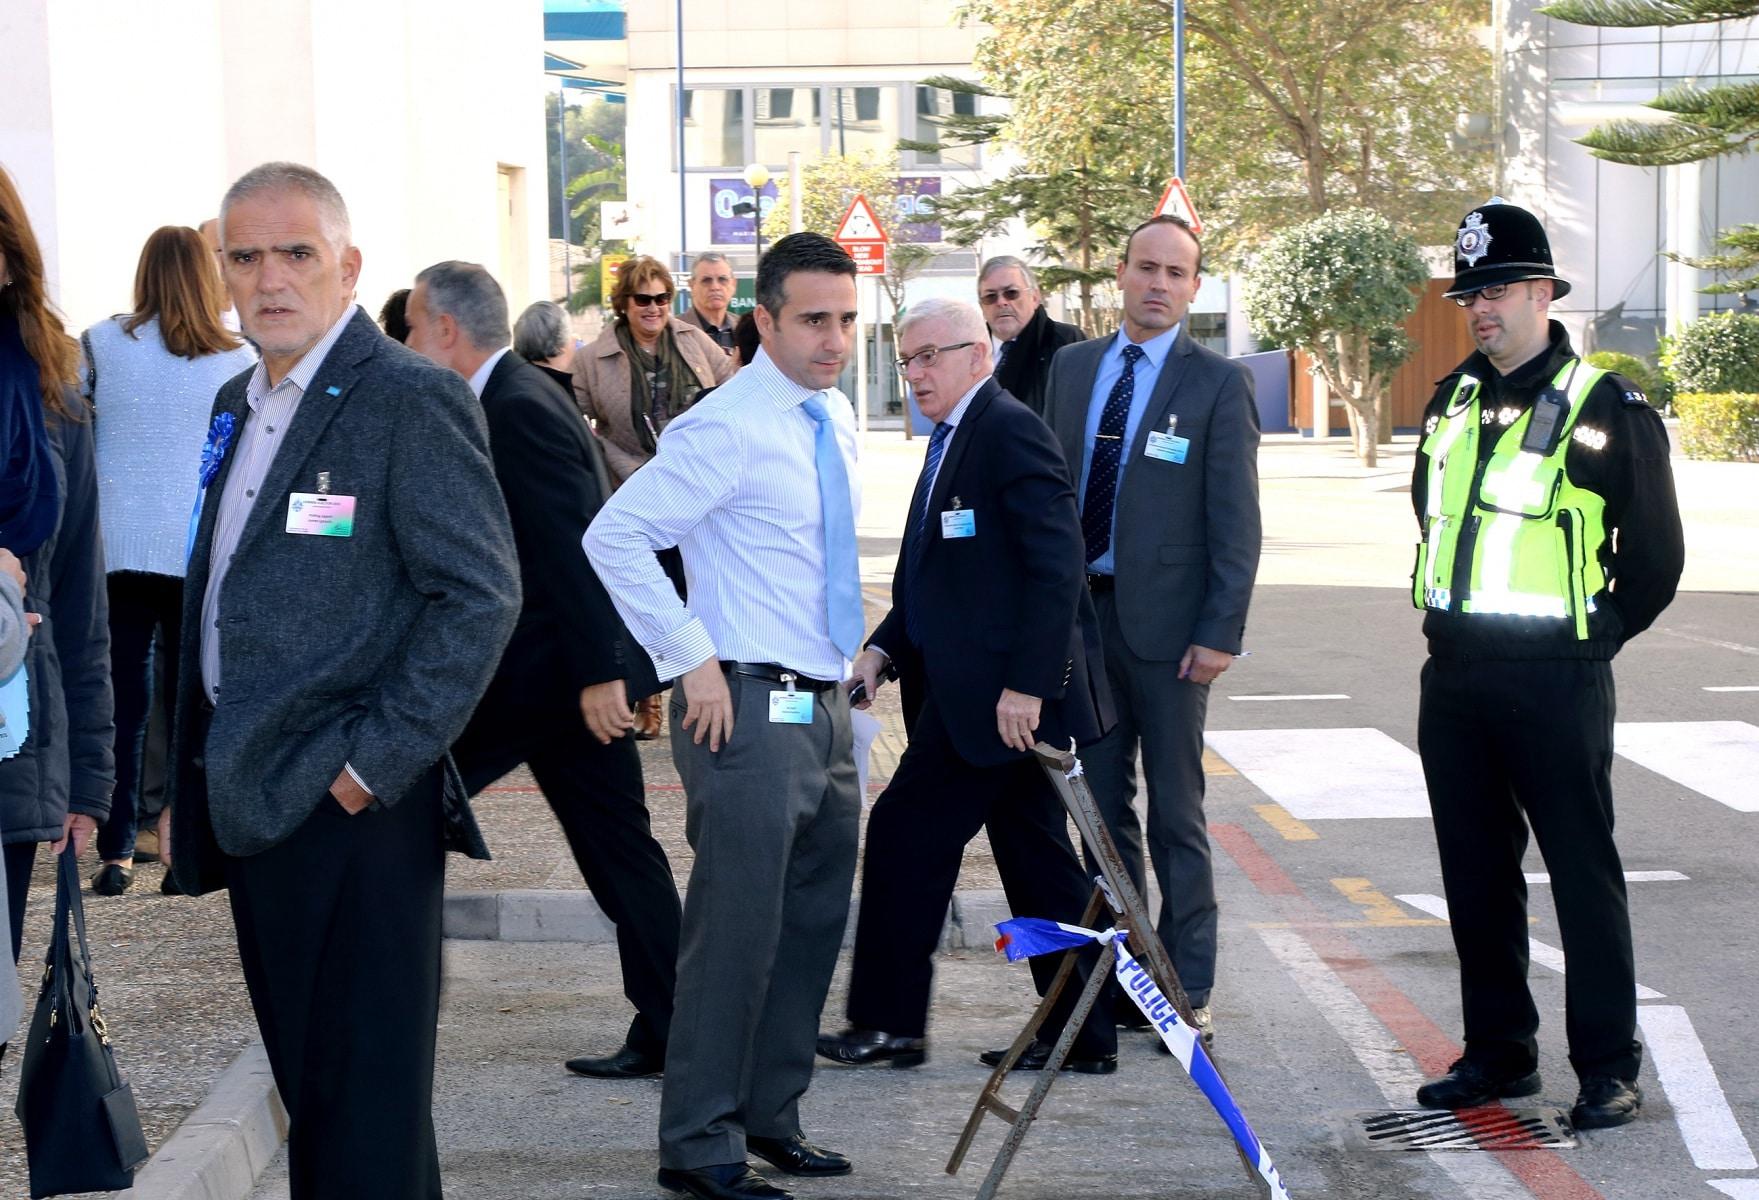 elecciones-generales-gibraltar-26-de-noviembre-de-2015_23299052146_o